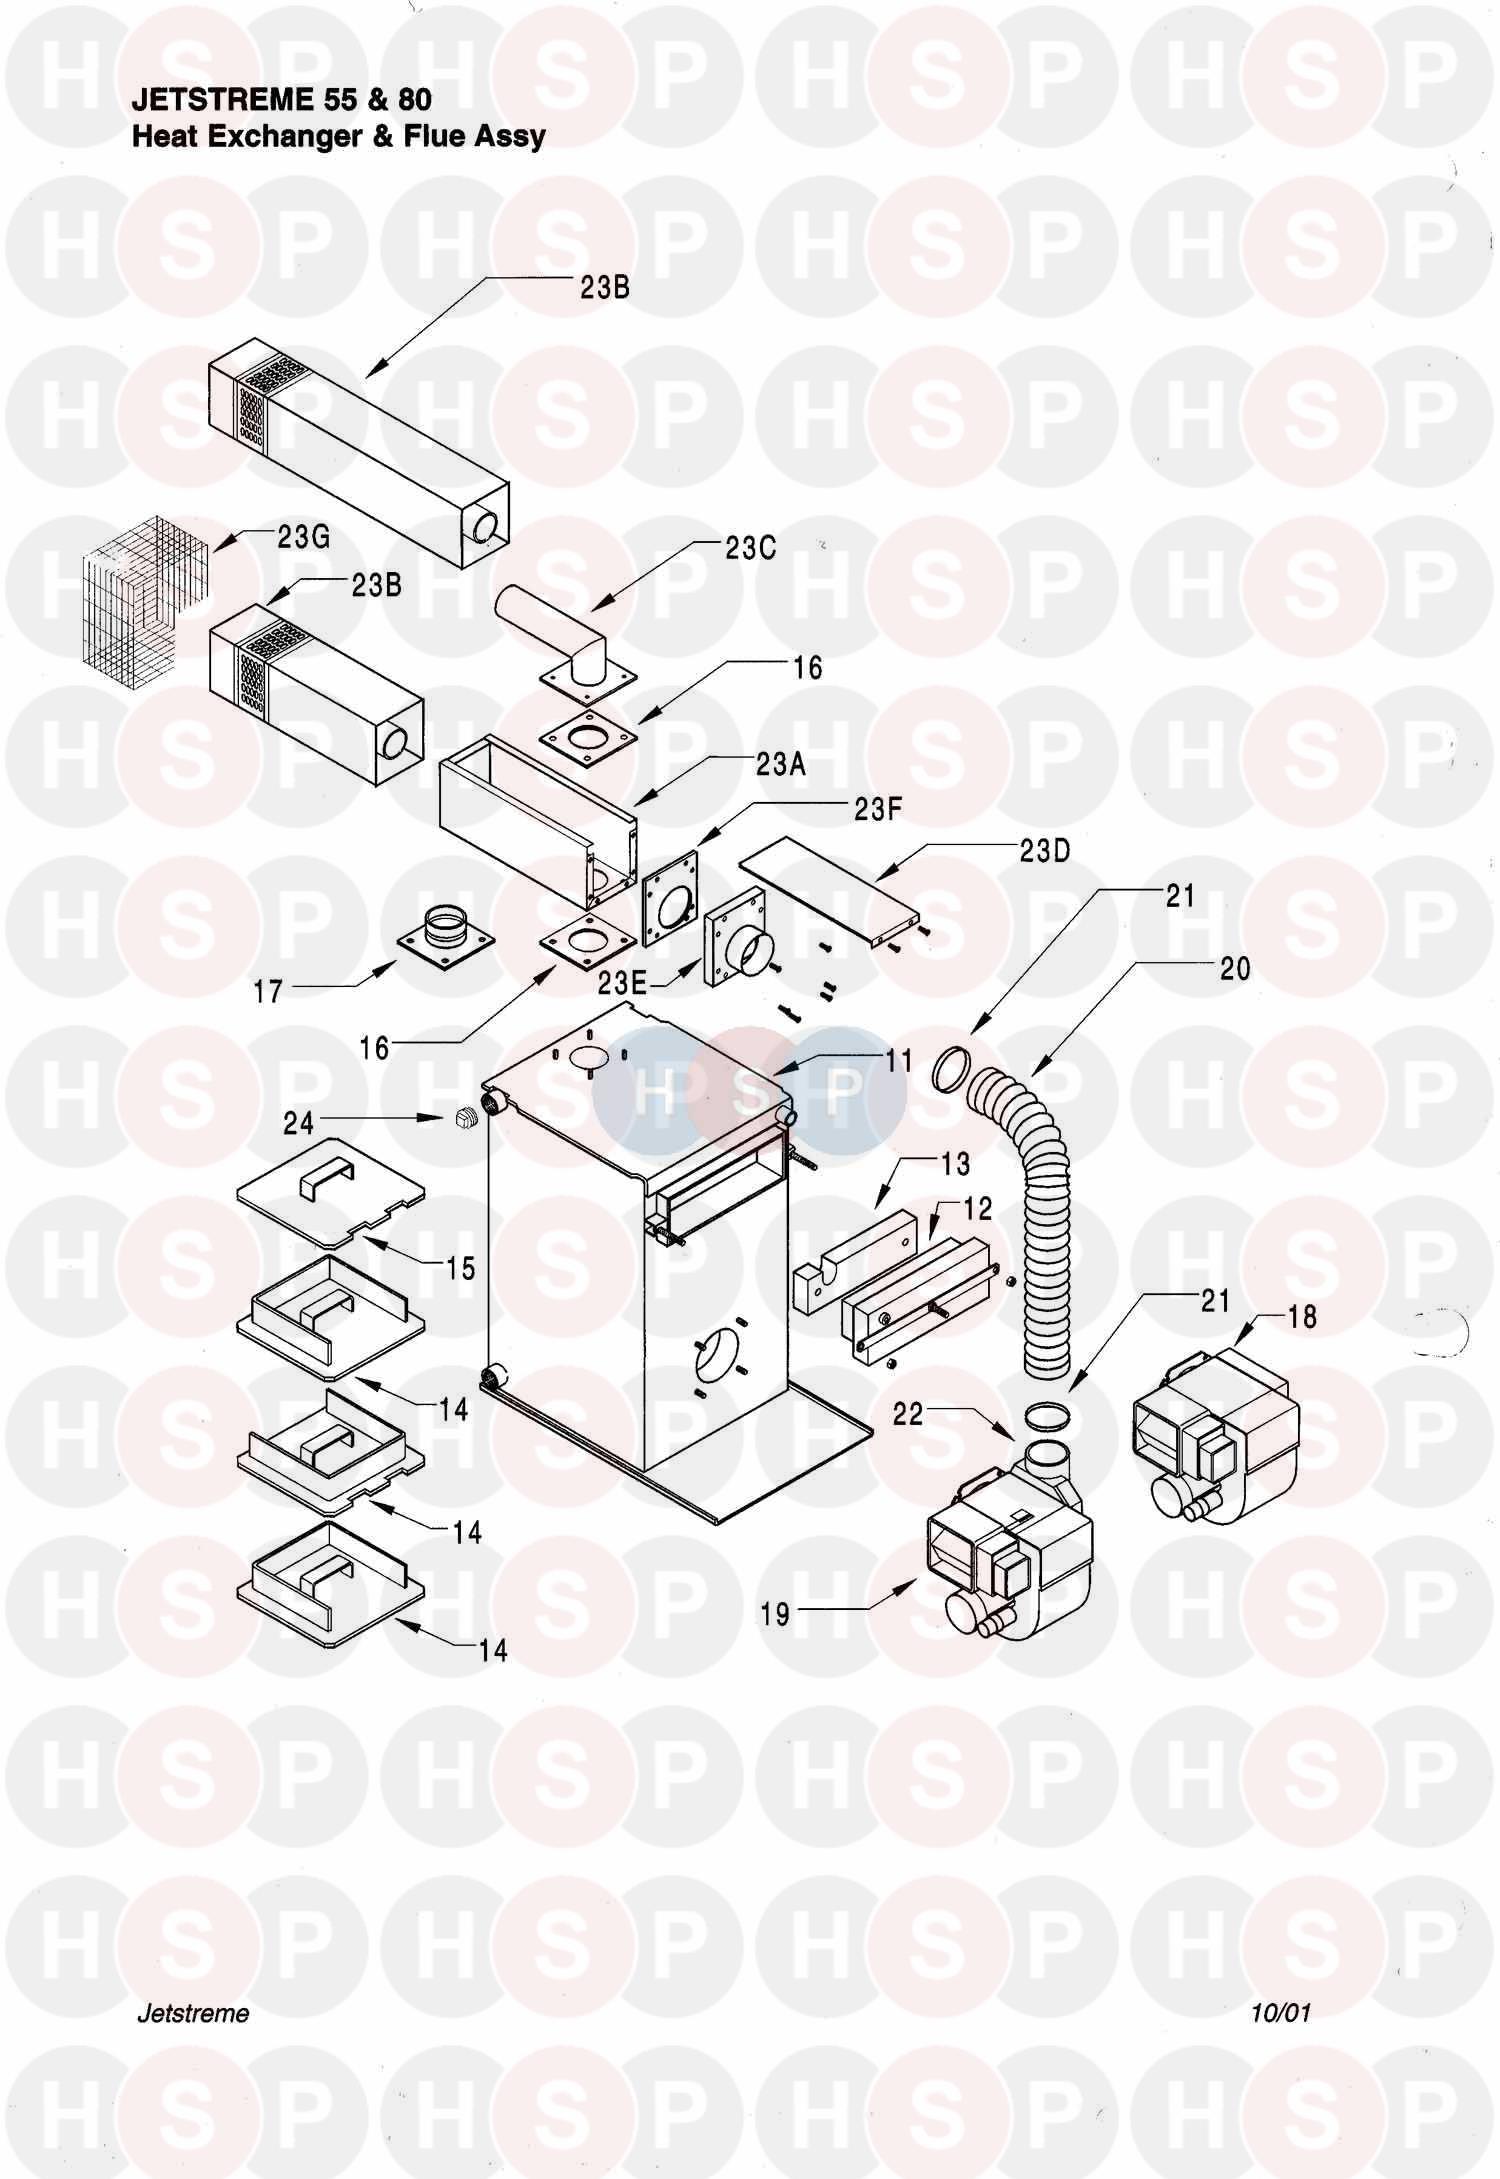 Halstead JETSTREME 55 (HEAT EXCHANGER & FLUE) Diagram